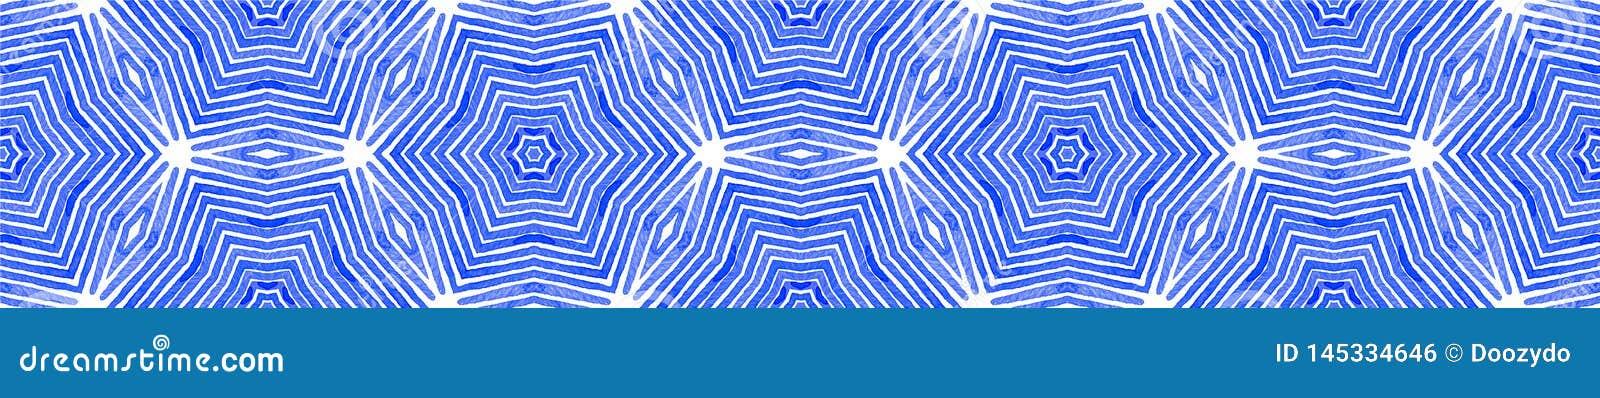 Blauwe Naadloze Grensrol Geometrische waterverf